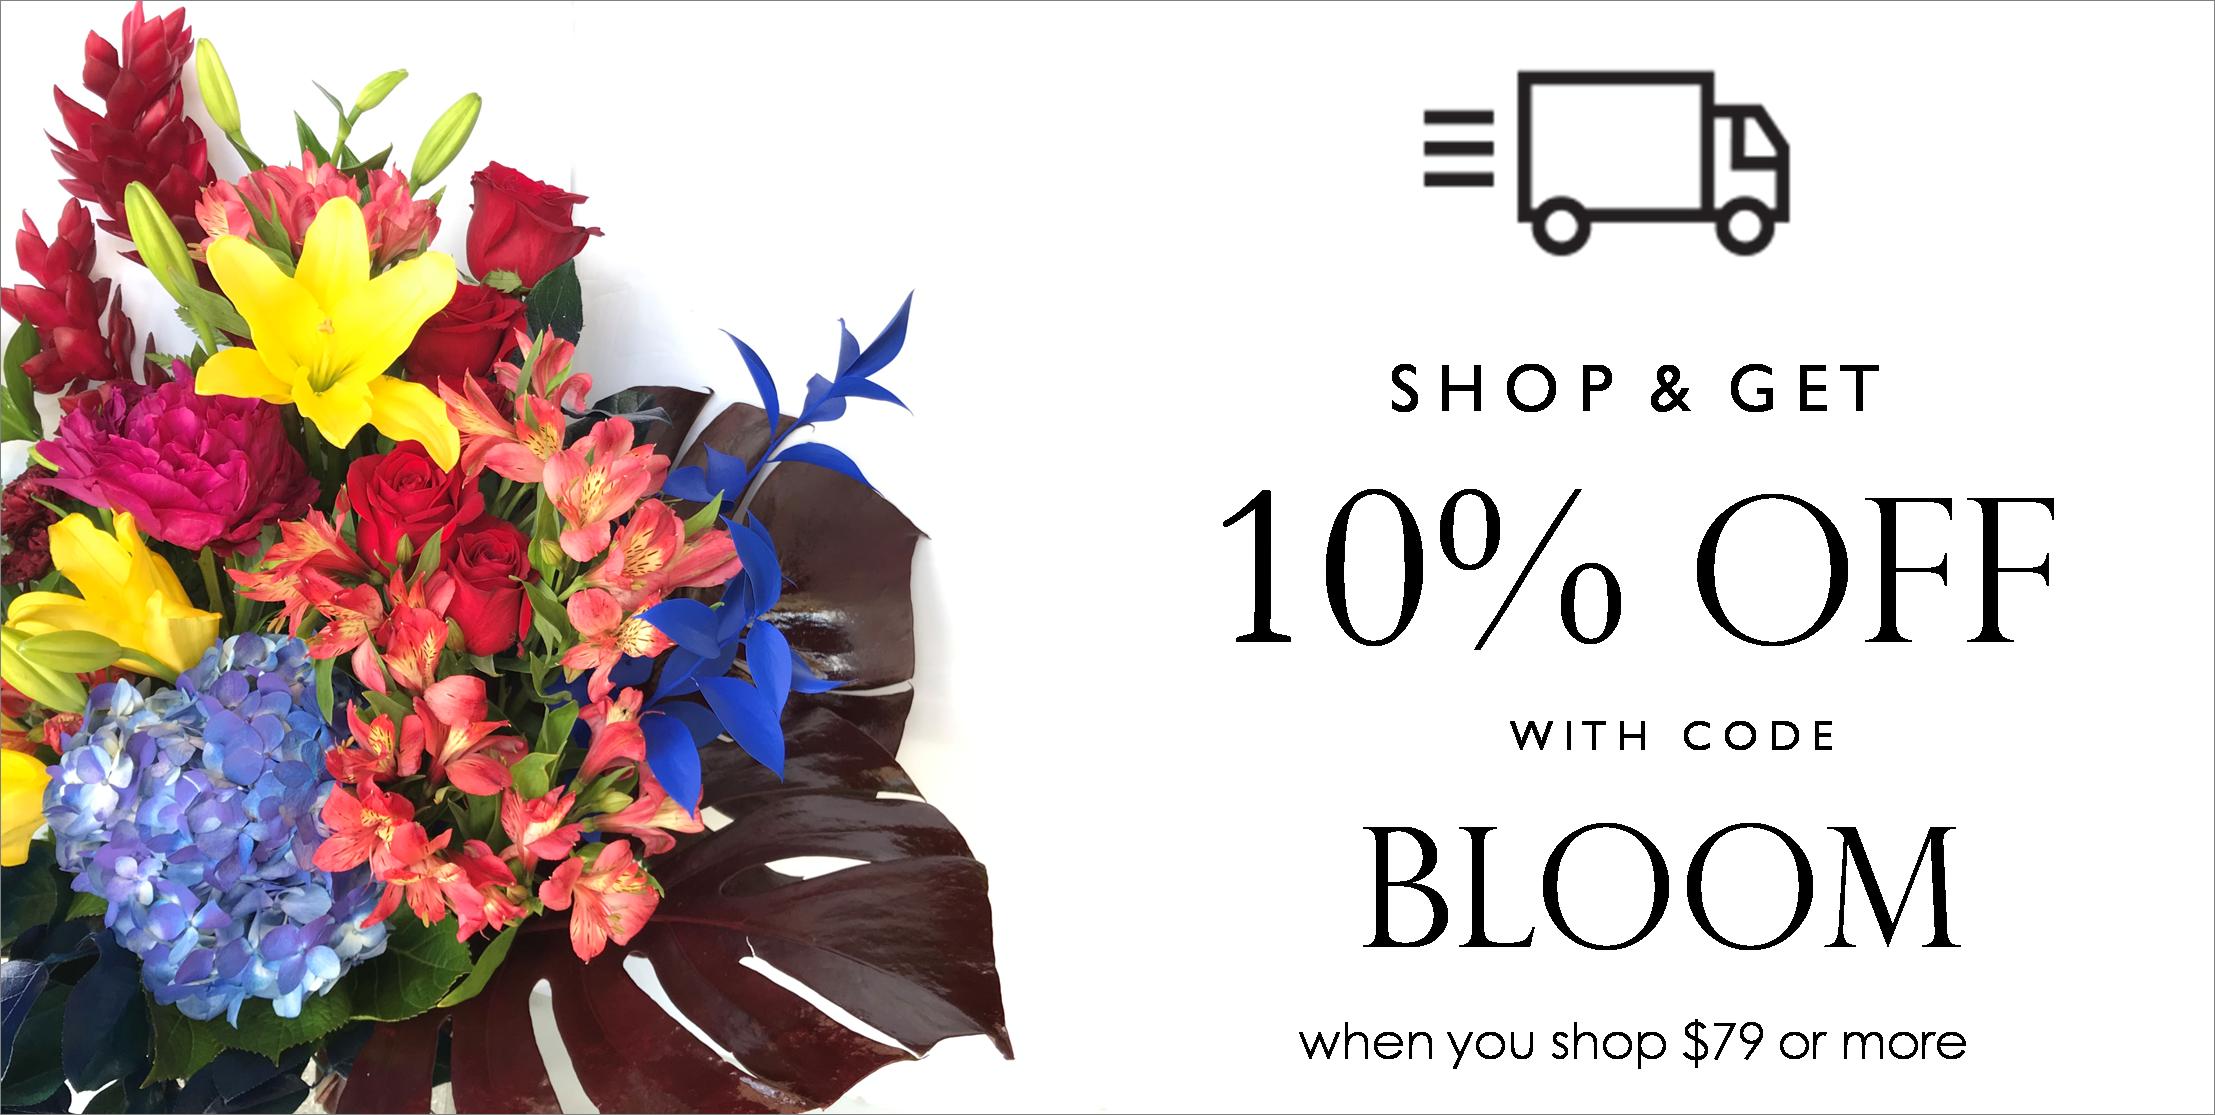 1we-make-el-paso-bloom-luxuryrose-boxes-angies-floral-designs-angies-we-make-el-paso-el-paso-florist-birthdays-bloom-floral-instagram-delivery-rose-delivery-el-paso-florist-angies-flower-79912.png